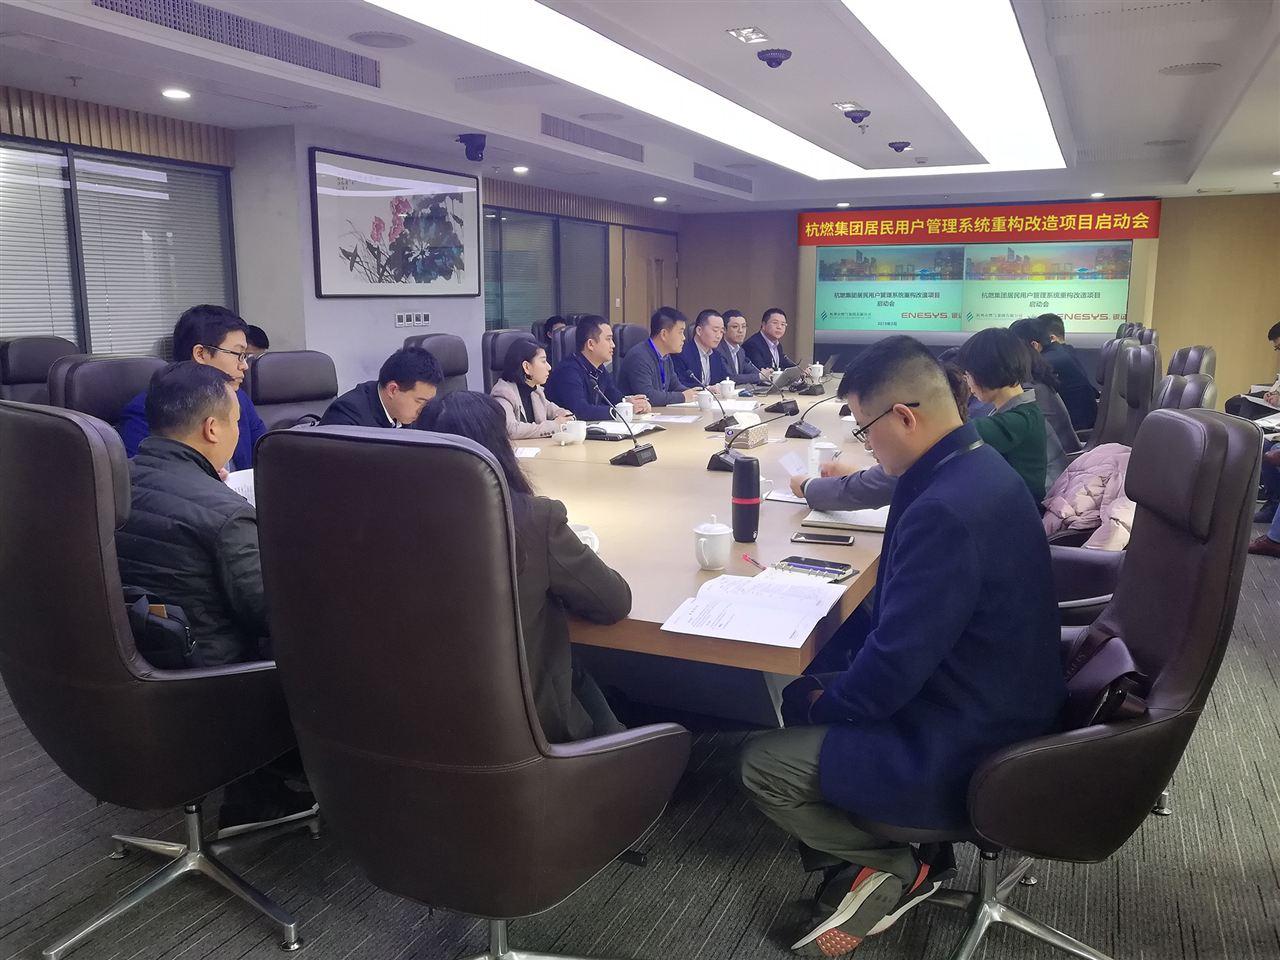 浙江杭州燃气居民用户管理系统启动会召开